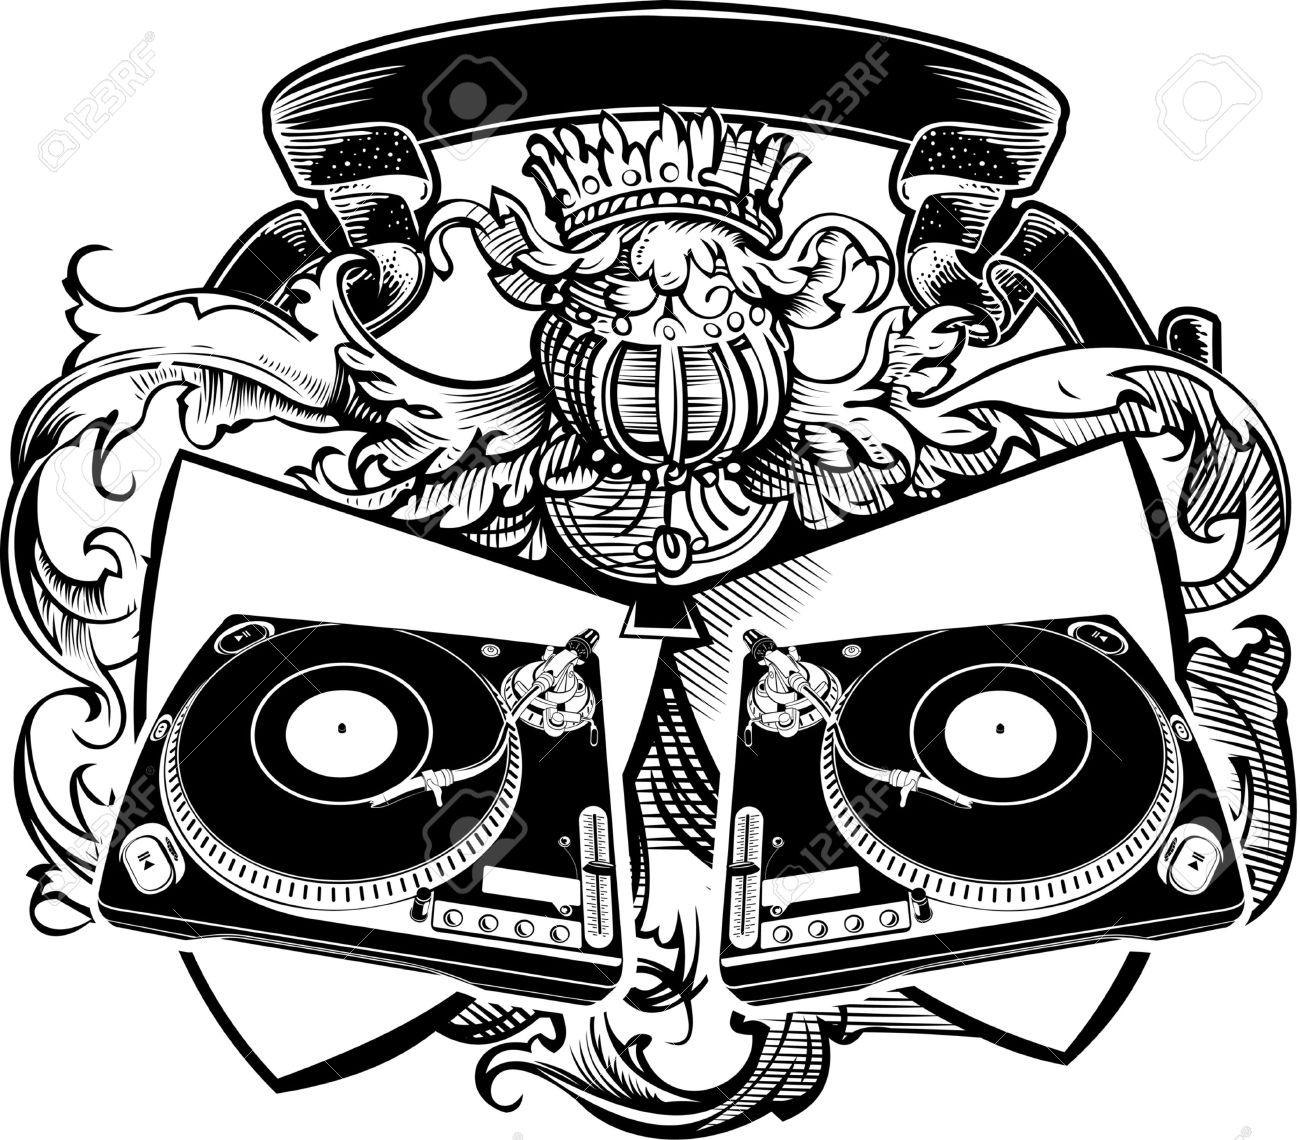 1300x1140 Beats Clipart Dj Turntables